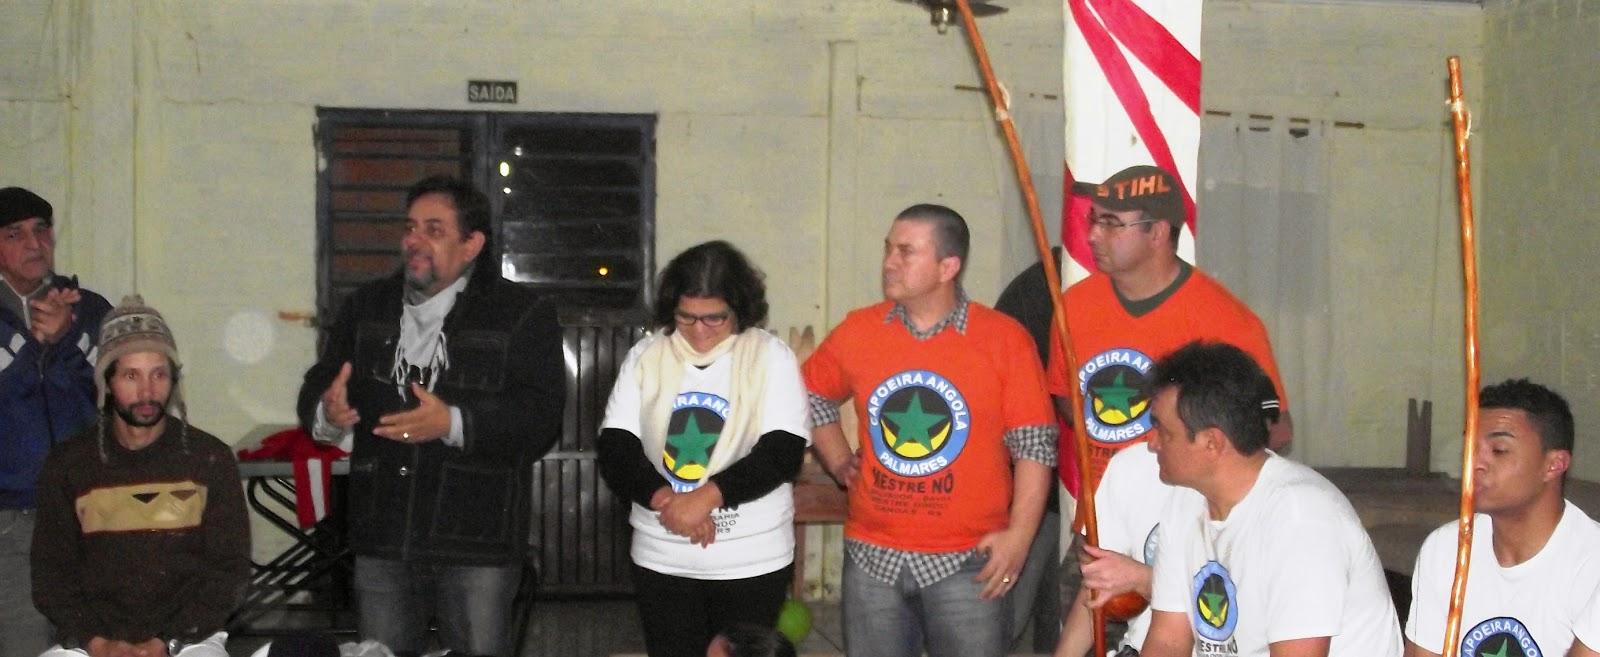 http://conselhodeculturaesteio.blogspot.com.br/